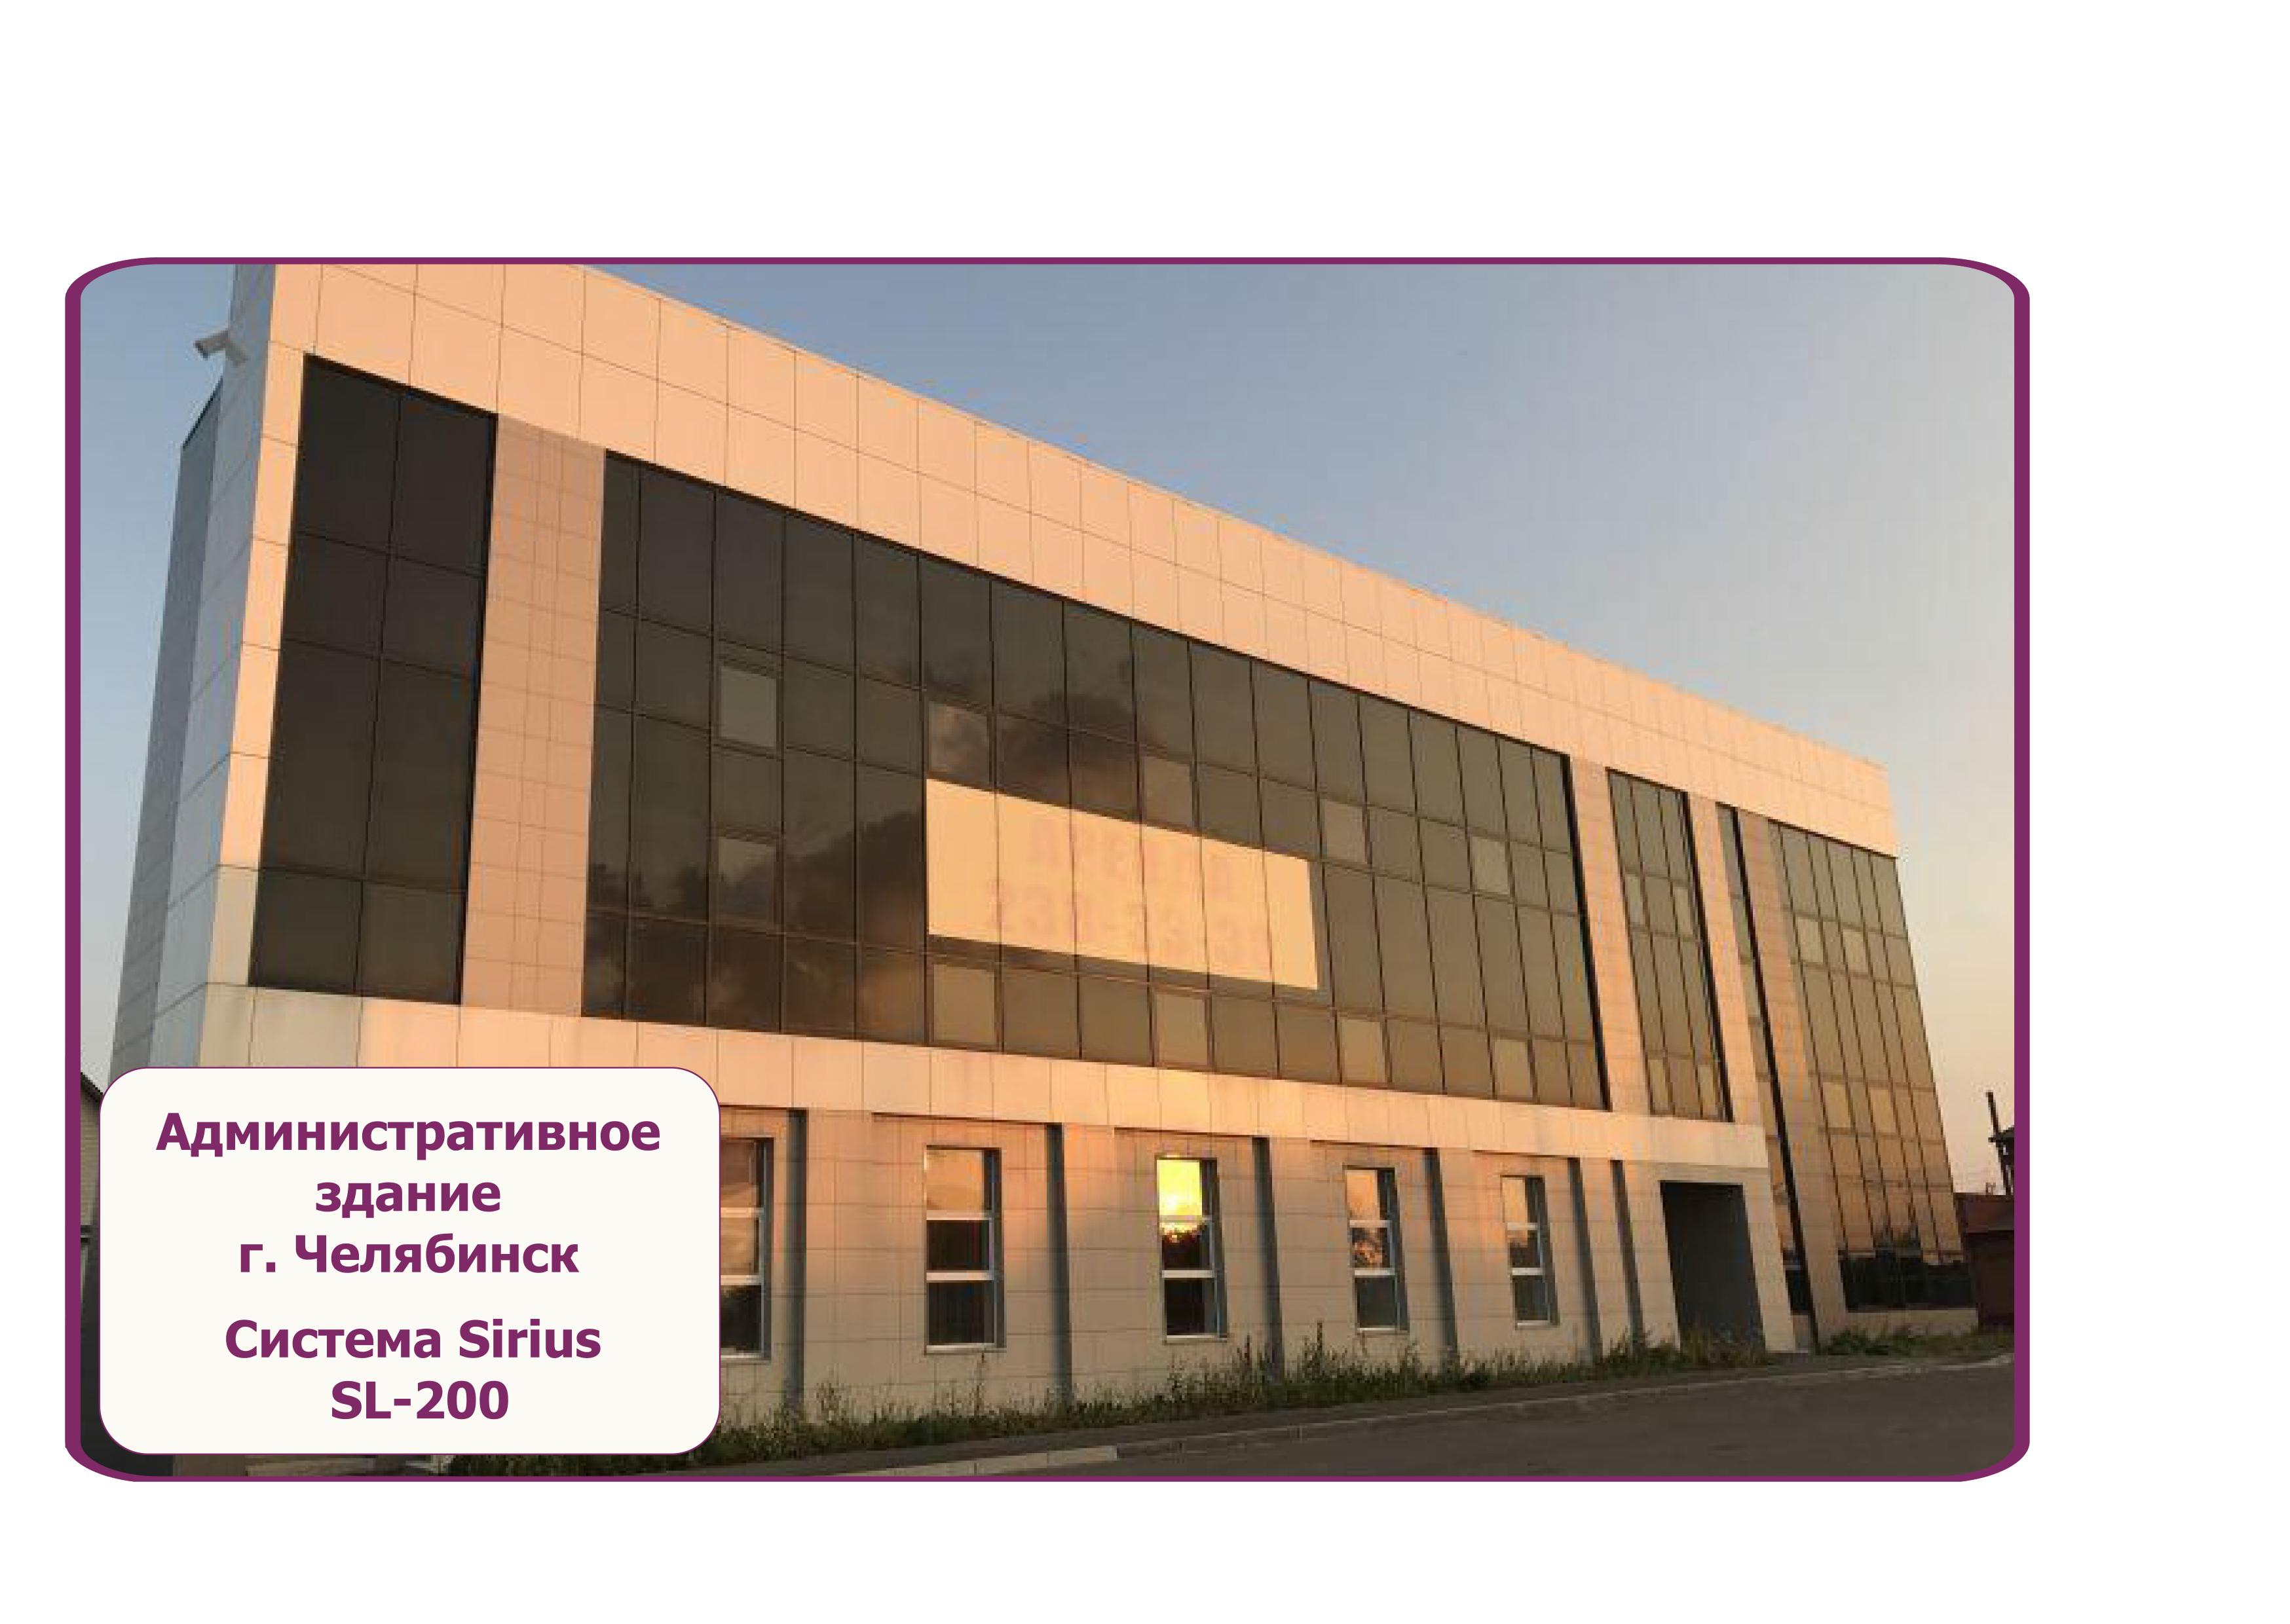 Административное здание г. Челябинск Фасад объекта облицован на алюминиевой подсистеме SIRIUS SL-200 - композитные панели, усиленный Y-профиль